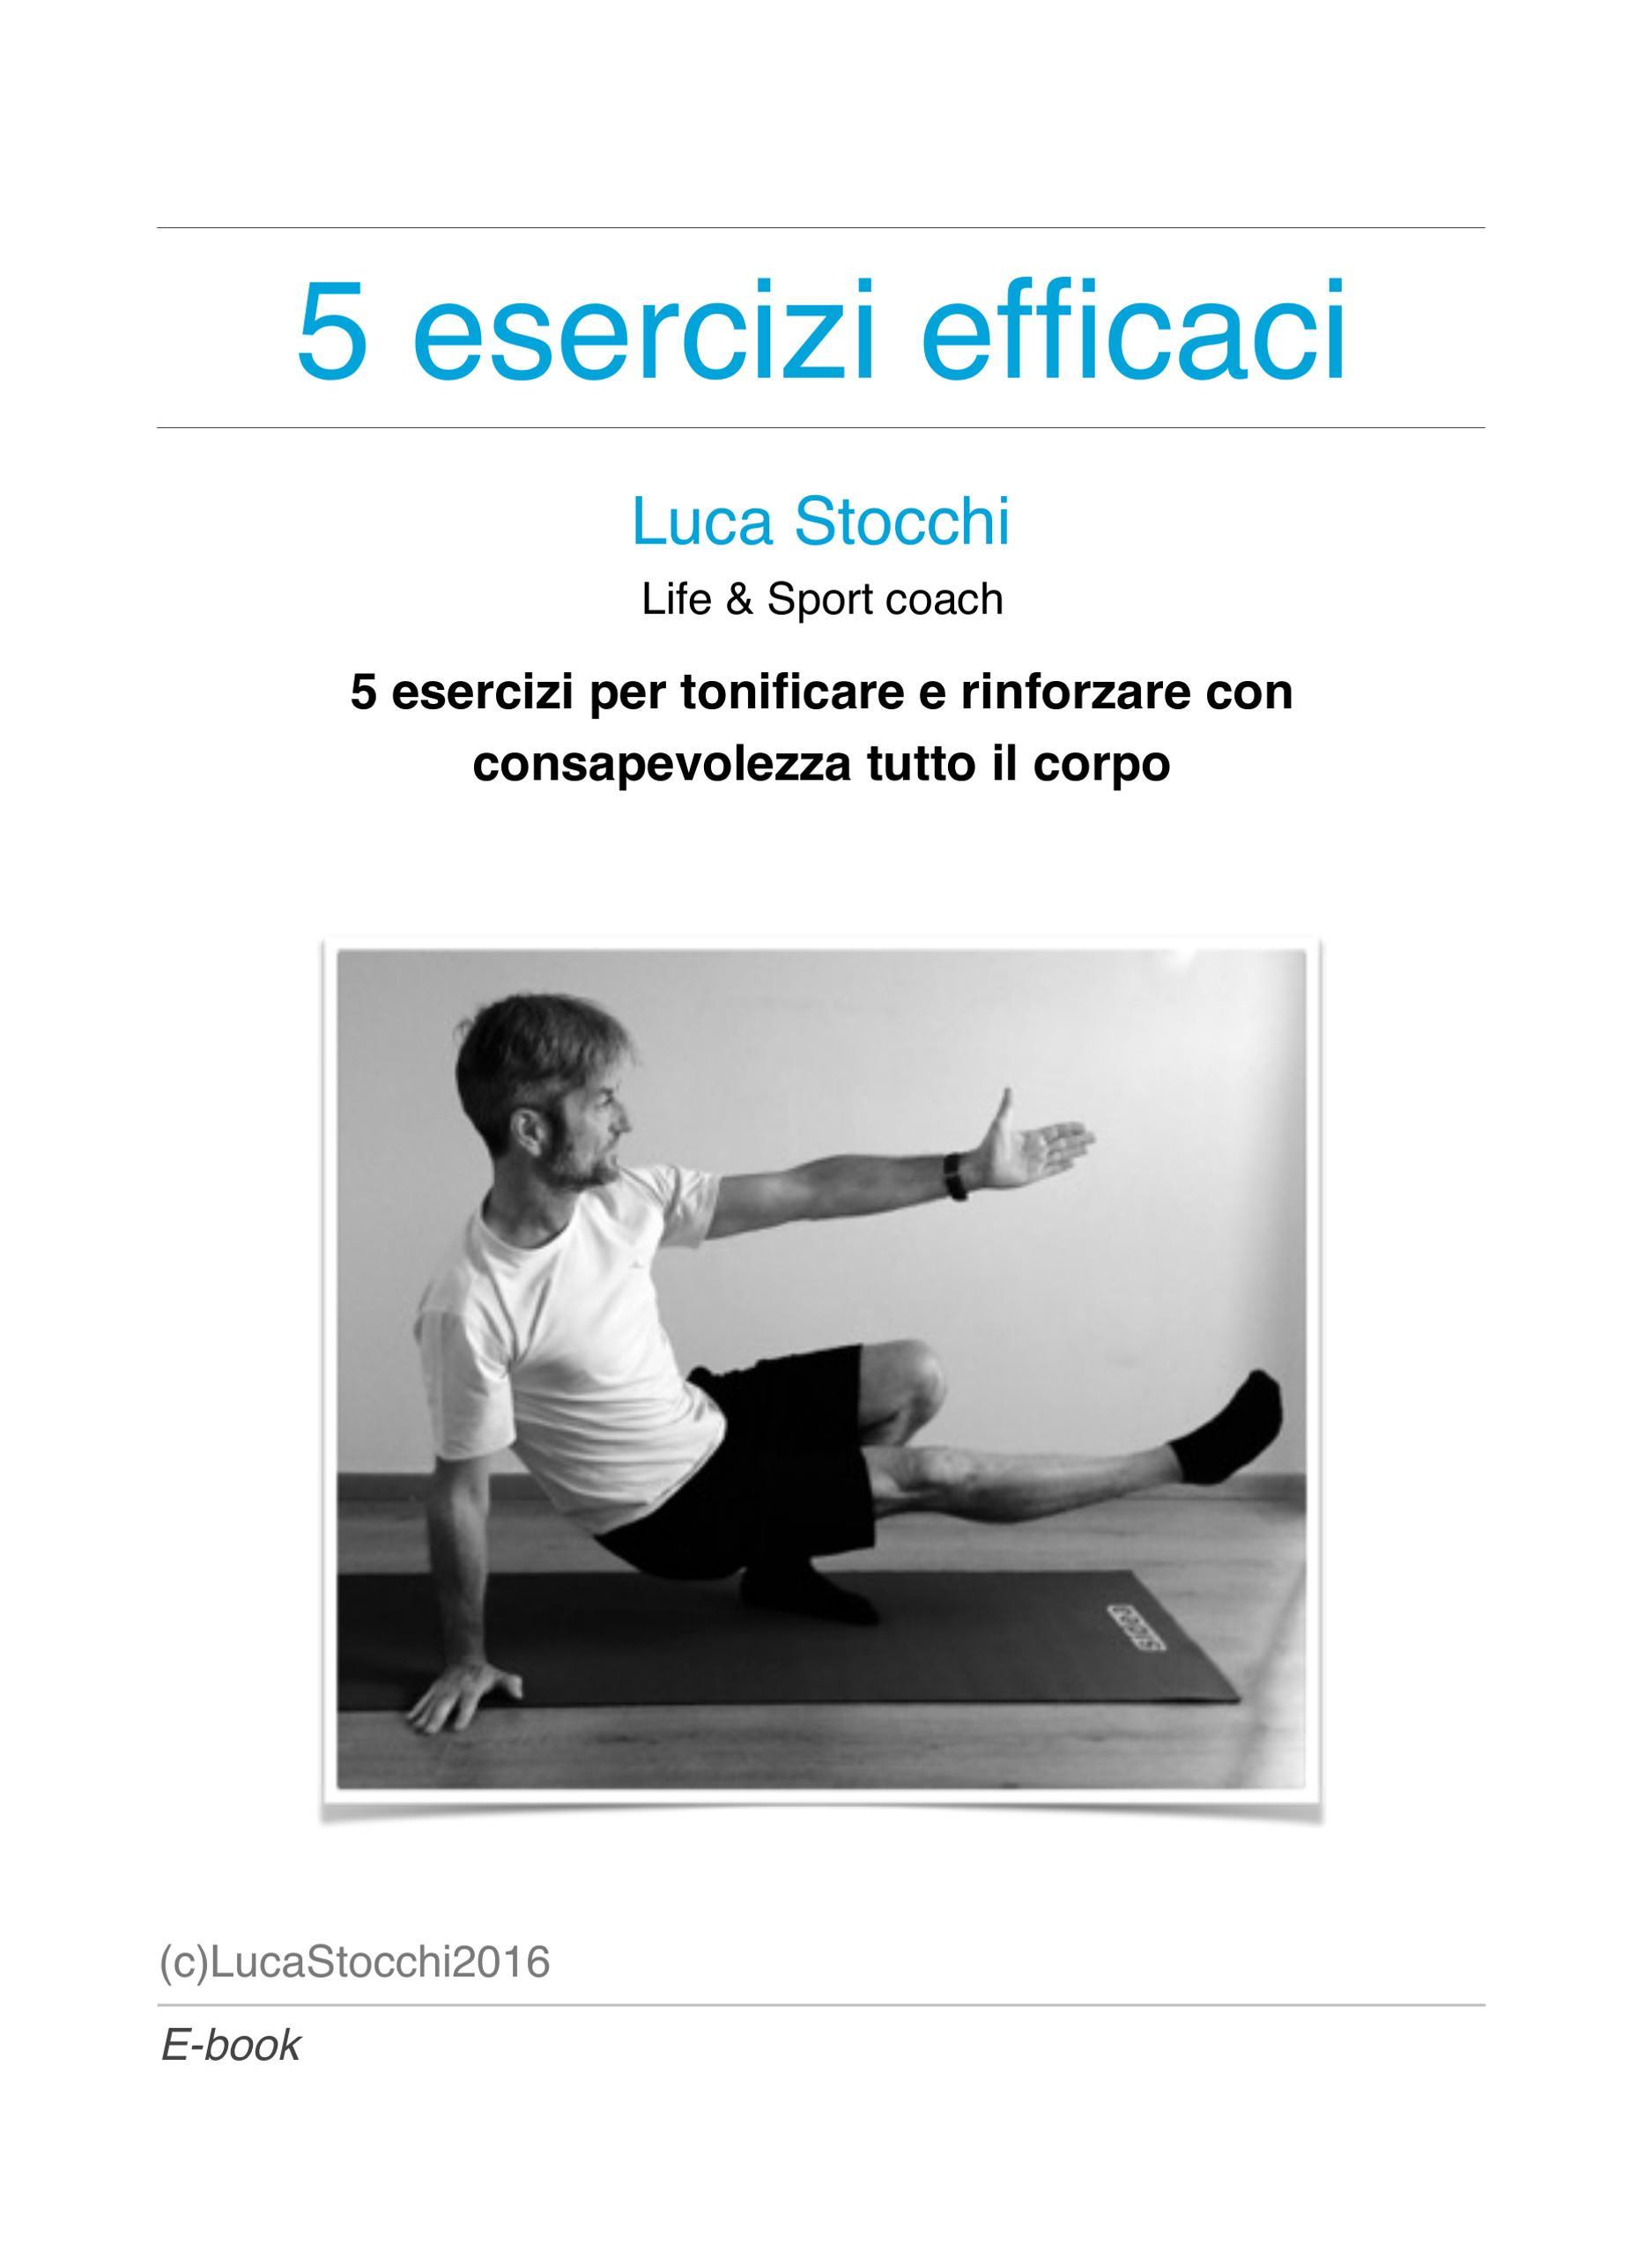 5 Esercizi Efficaci